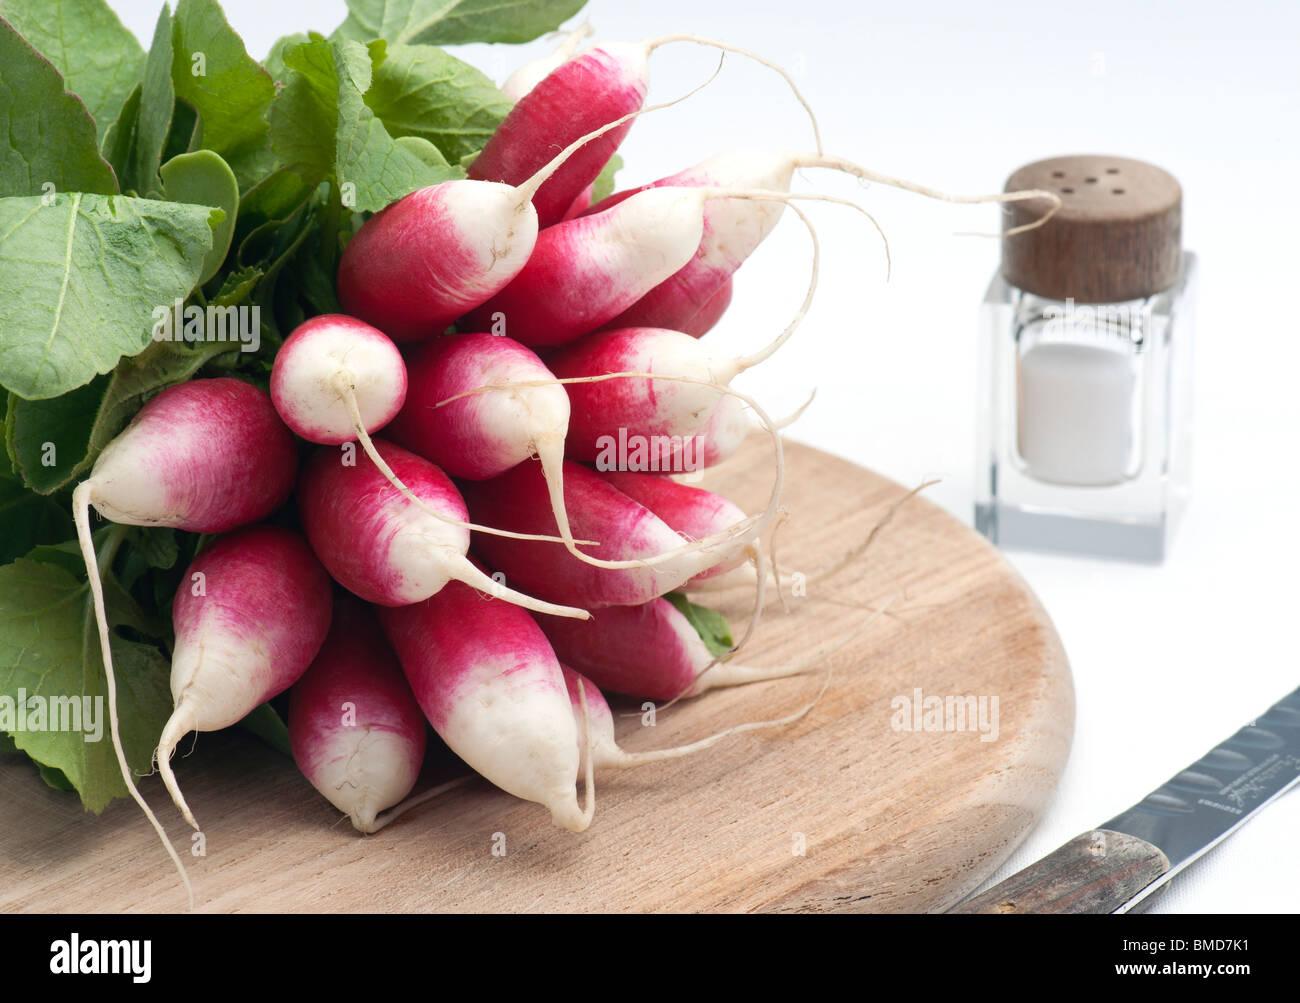 Ein Bündel von frischen französischen Frühstück Rettich auf A hacken Holzbrett, mit A Salz Topf und Messer, auf A weißer Hintergrund Stockfoto